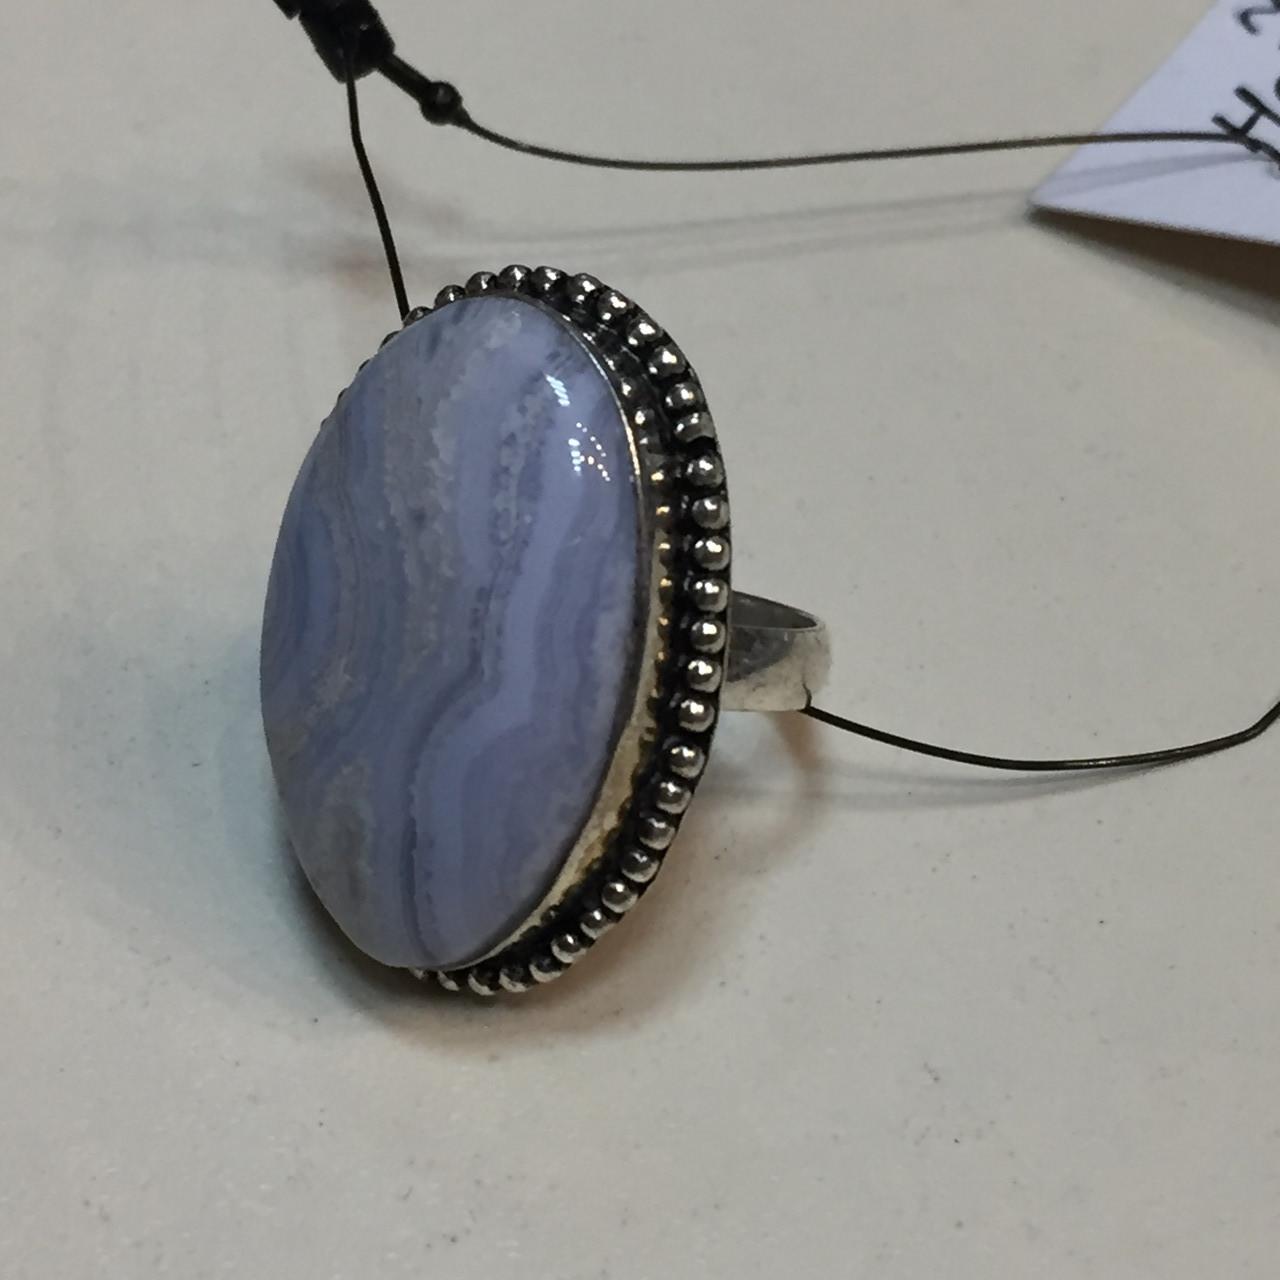 Сапфирин красивое кольцо овал с сапфирином в серебре. Кольцо с сапфирином голубым агатом 18,5 размер Индия